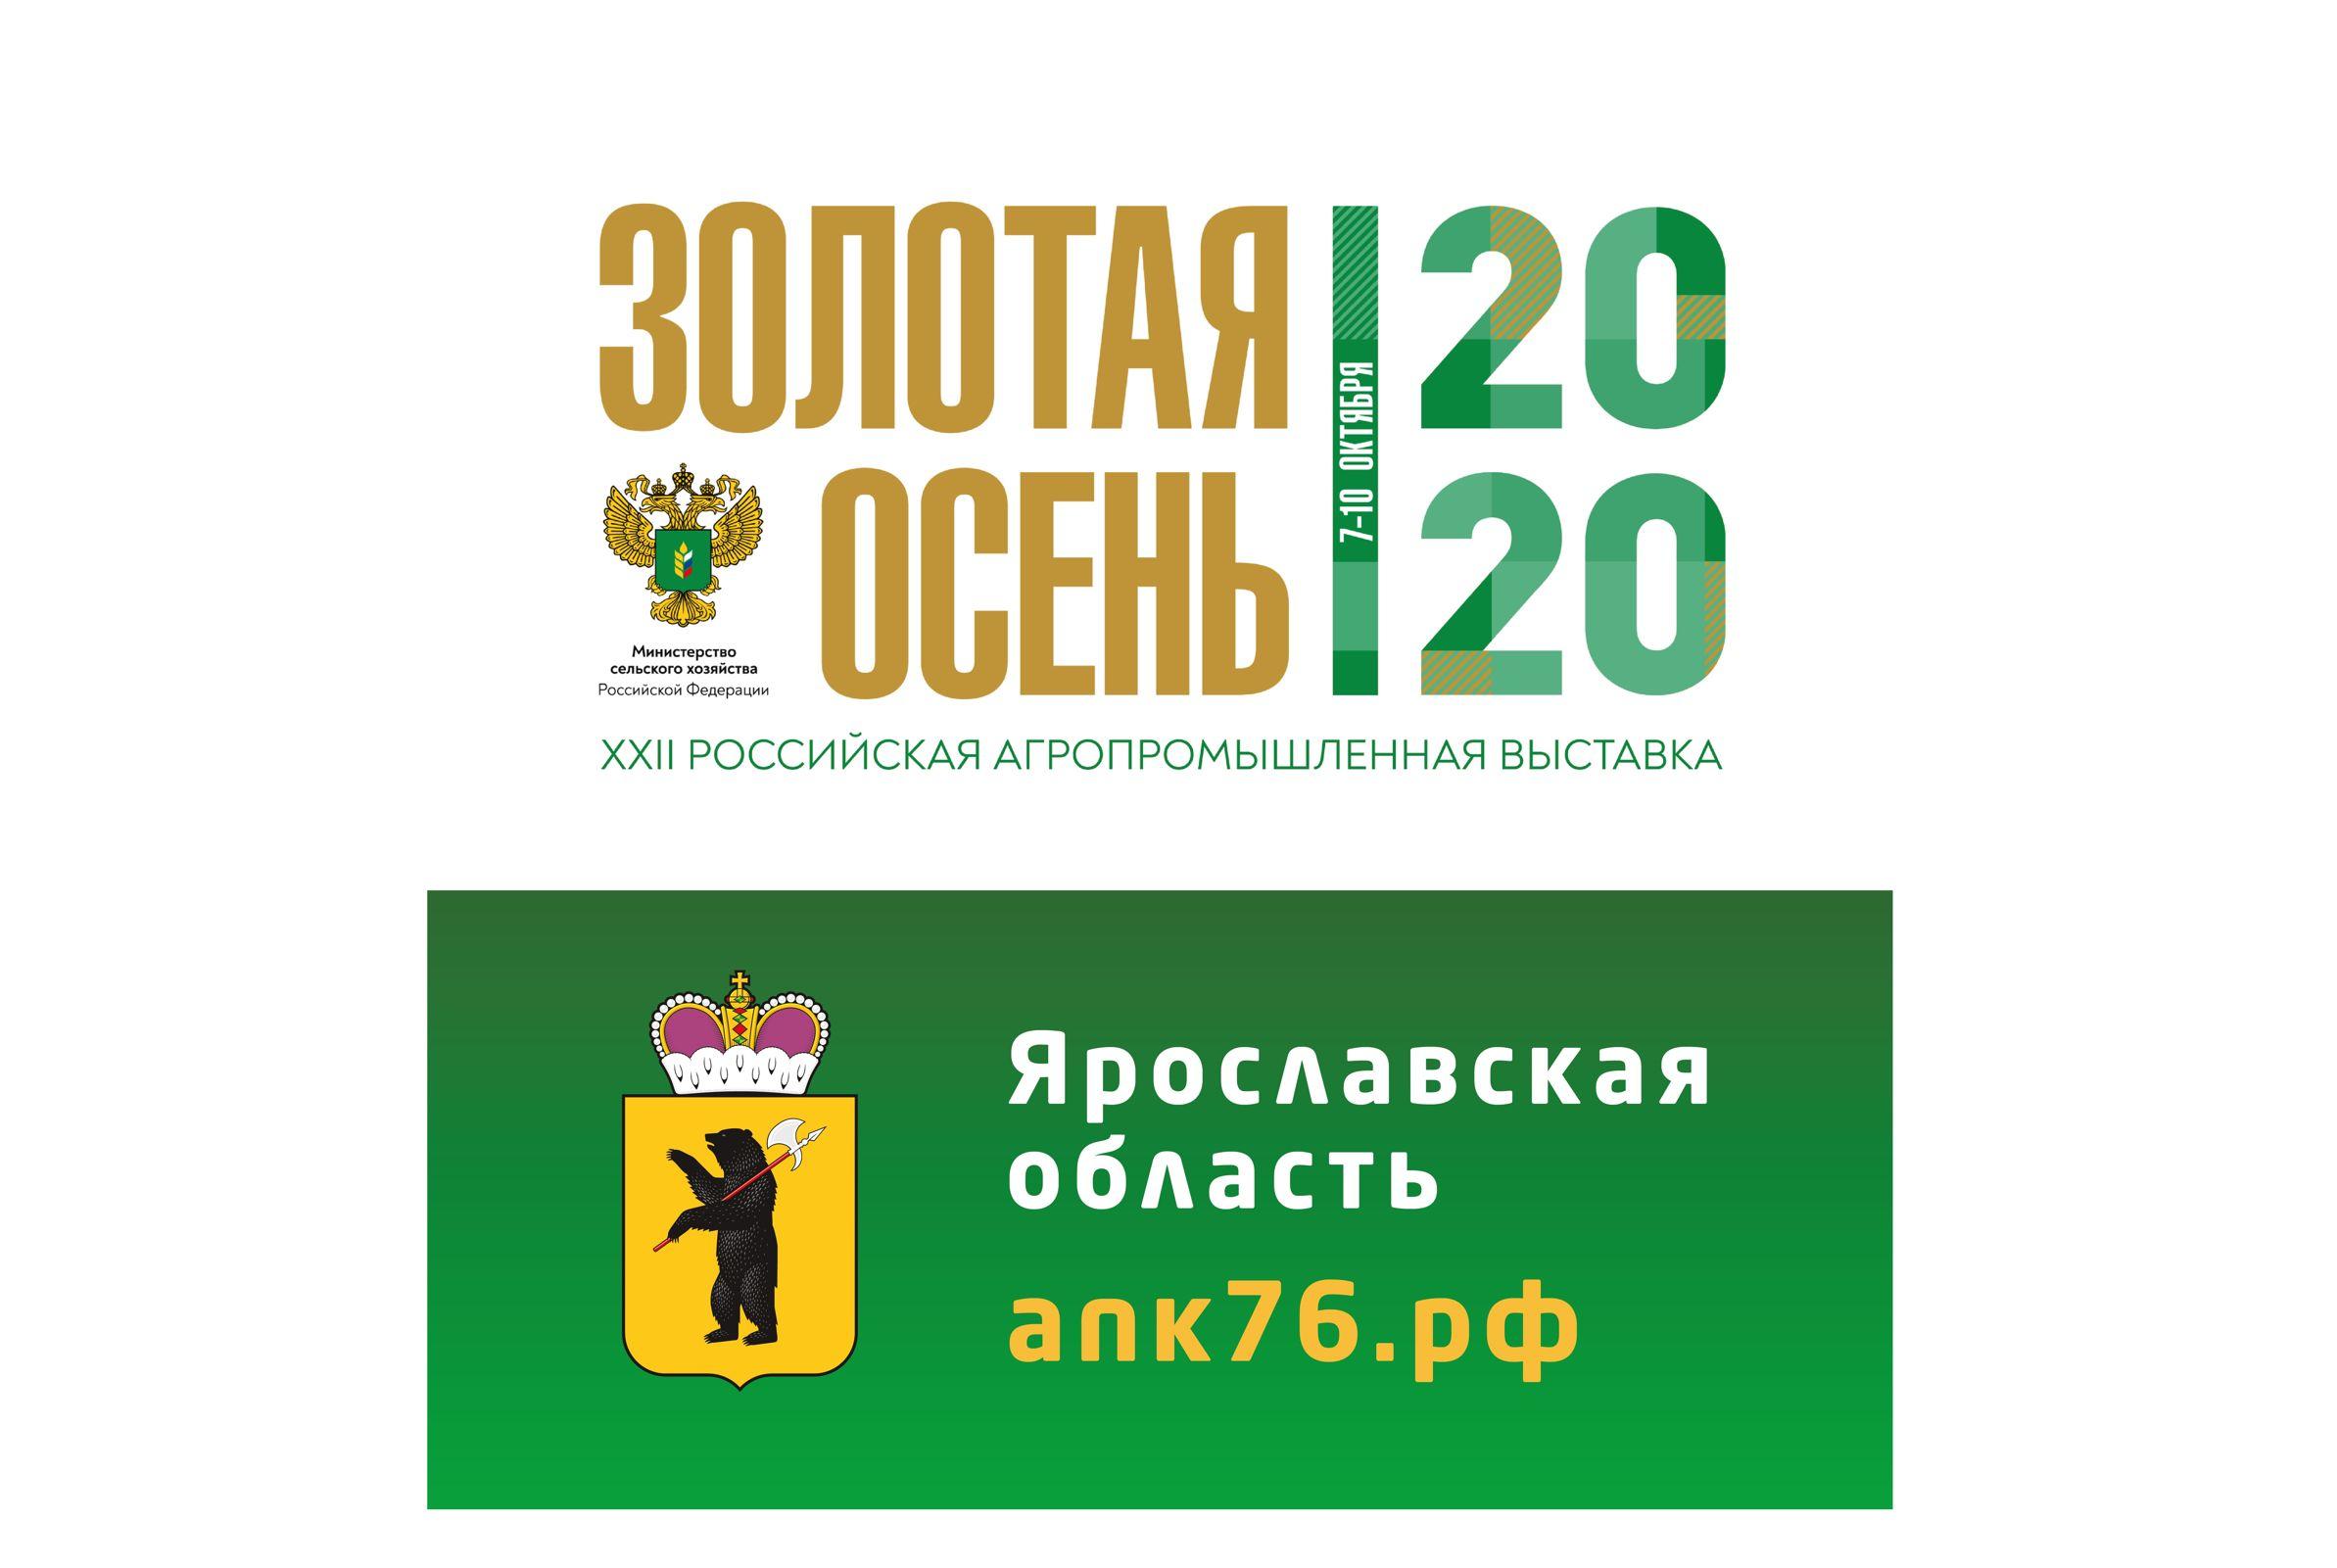 Инвестиции на 5,7 миллиарда рублей и 630 рабочих мест: какие соглашения подписали на форуме «Золотая осень»